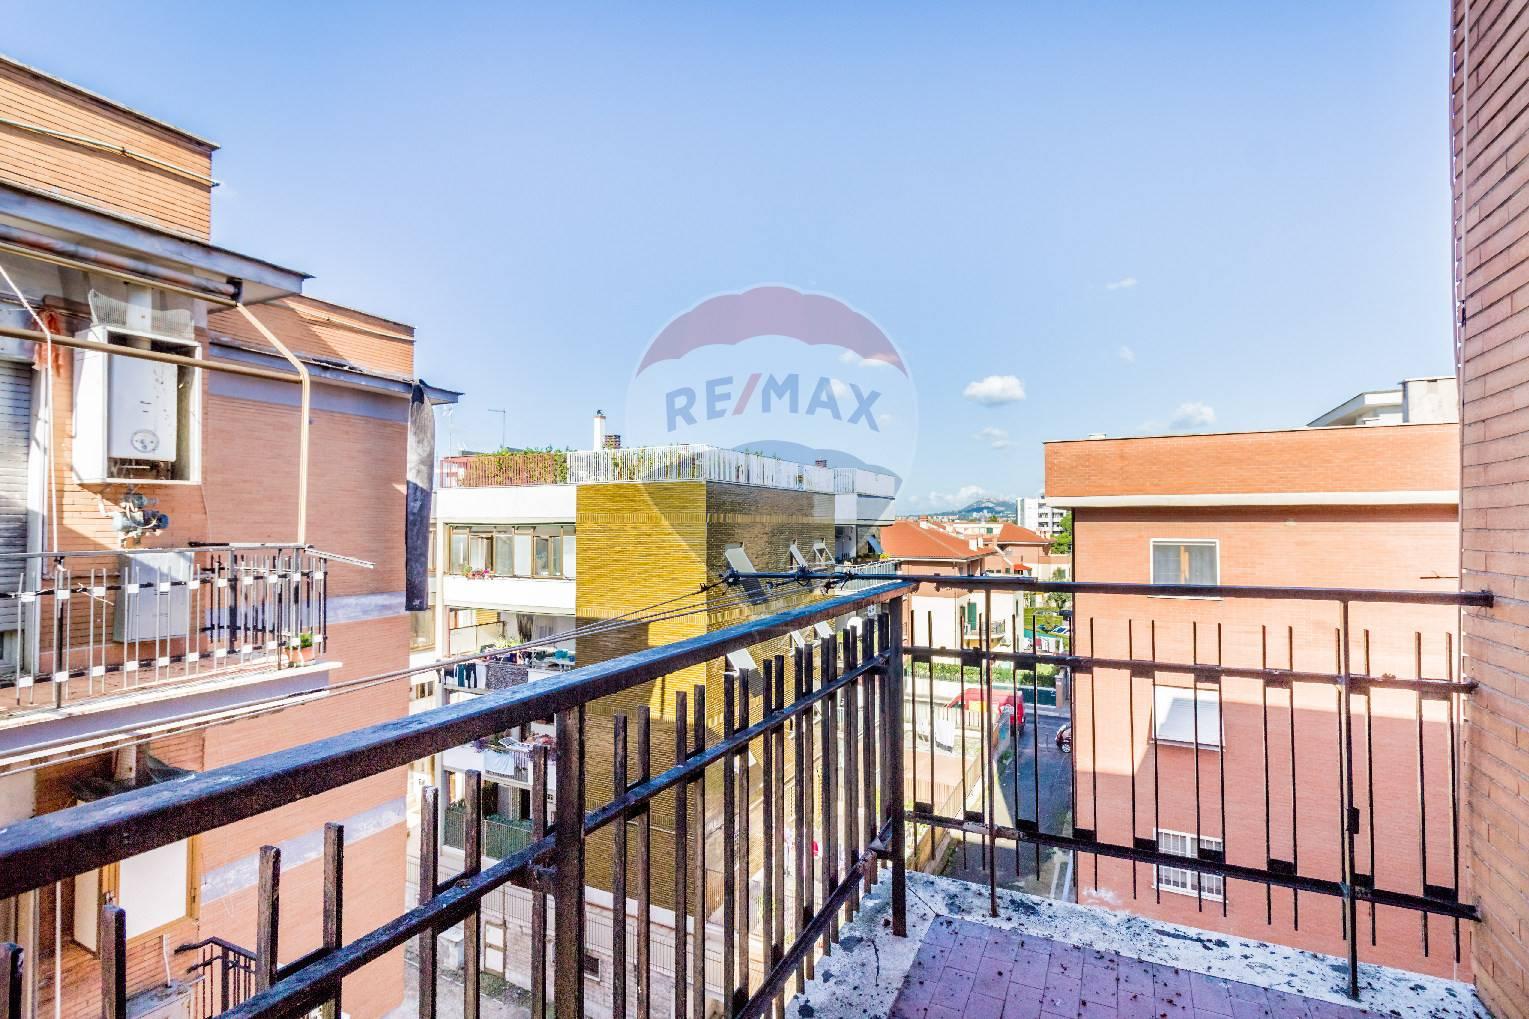 Appartamento in vendita a Tivoli, 3 locali, zona Località: TivoliTerme, prezzo € 100.000 | CambioCasa.it